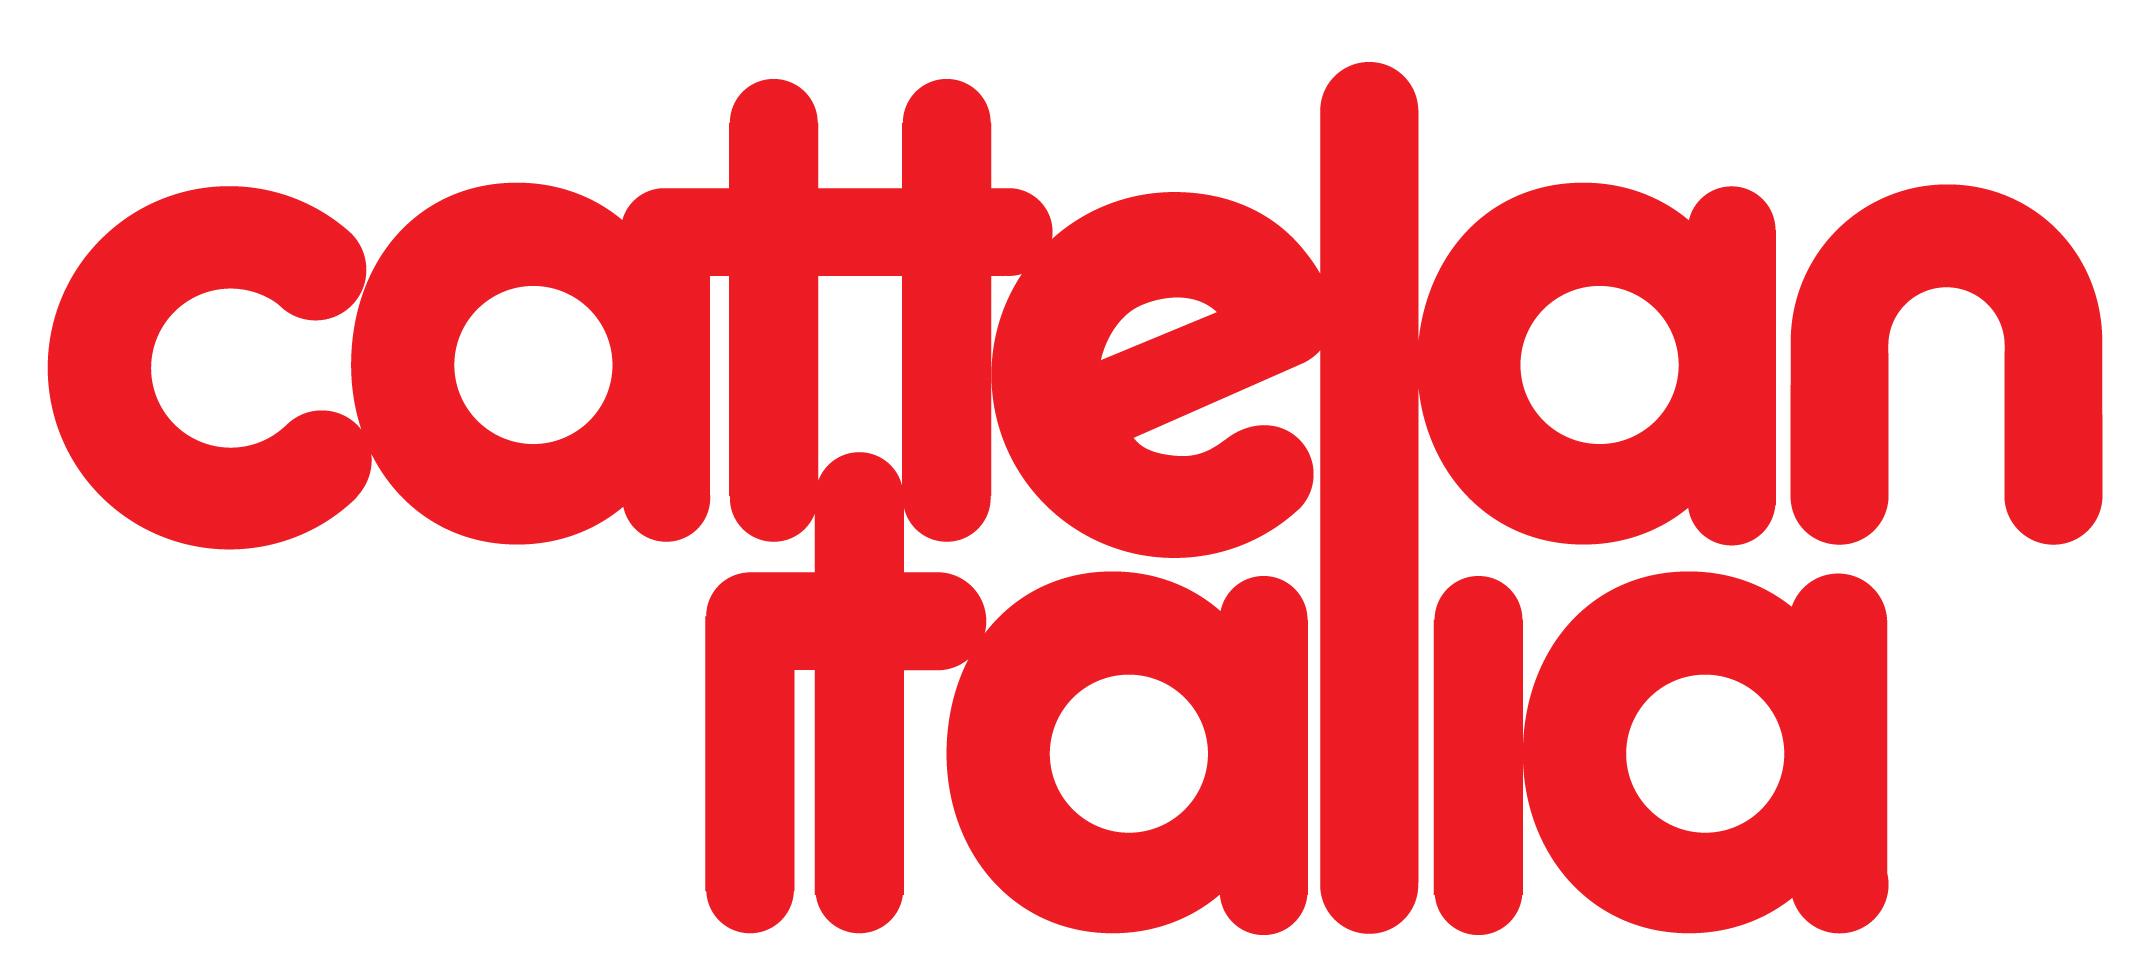 Cattelan Italia Logo Wallpaper